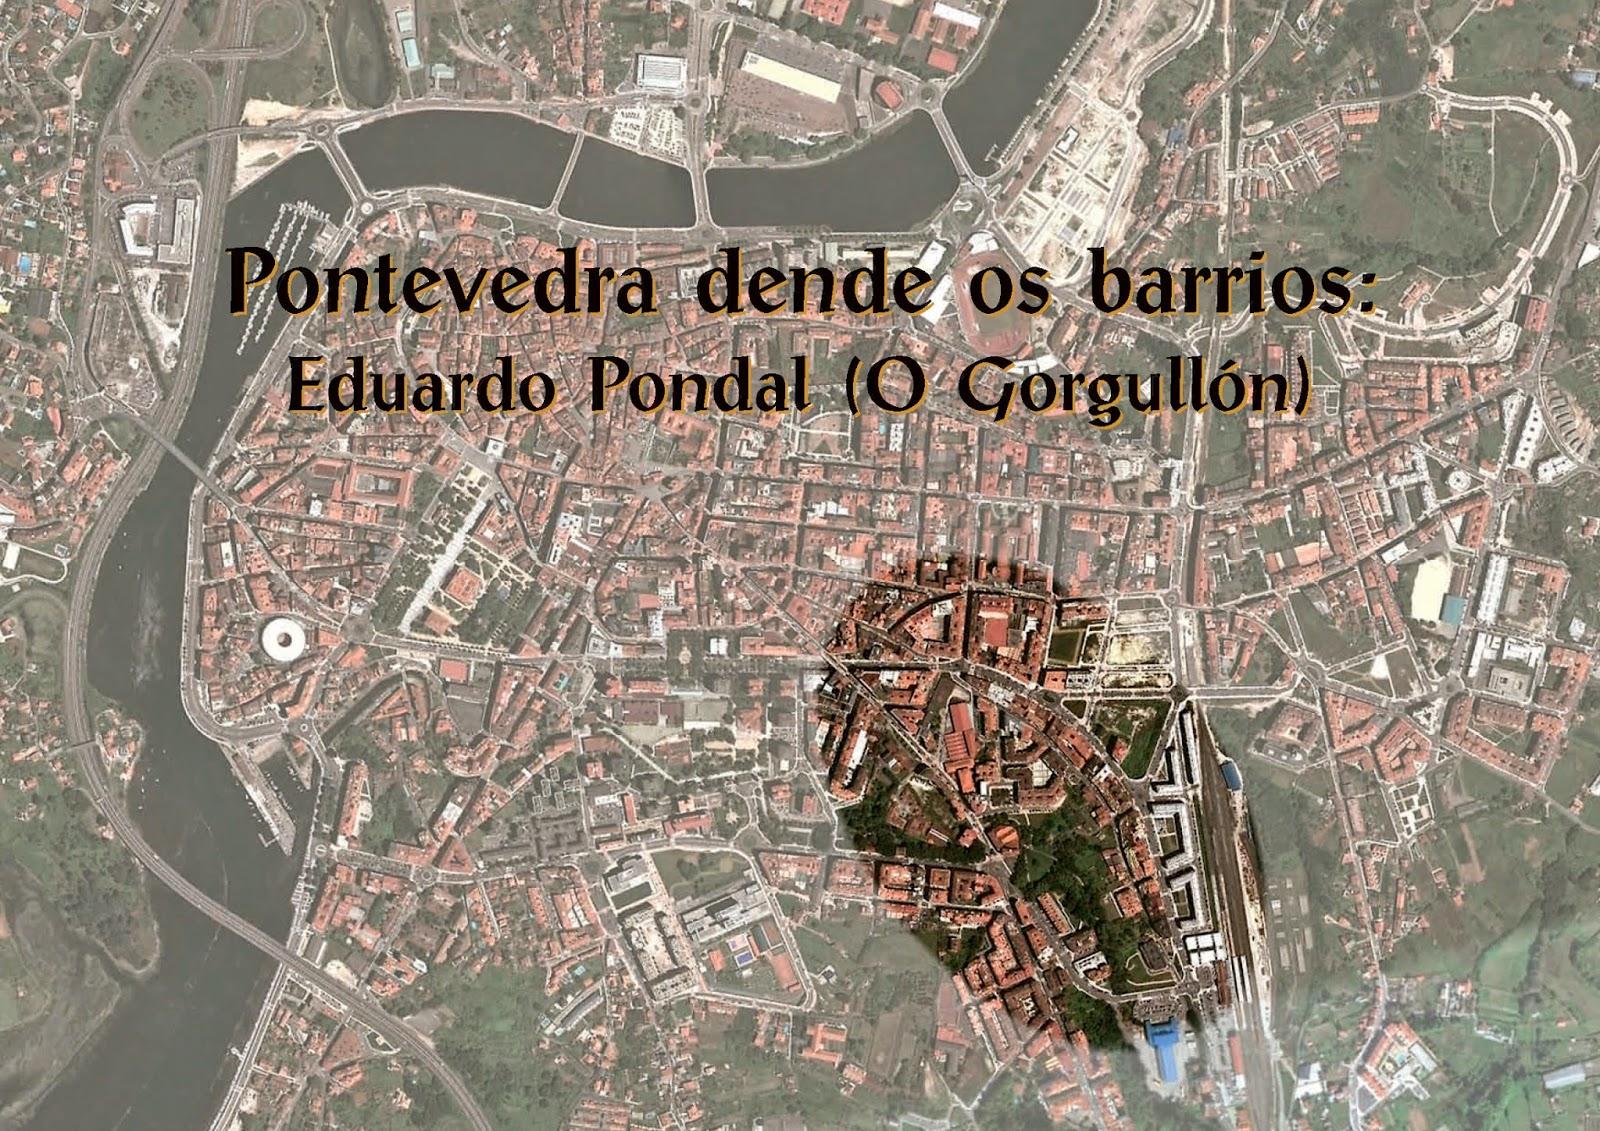 http://aveduardopondal.blogspot.com.es/p/descarregas.html